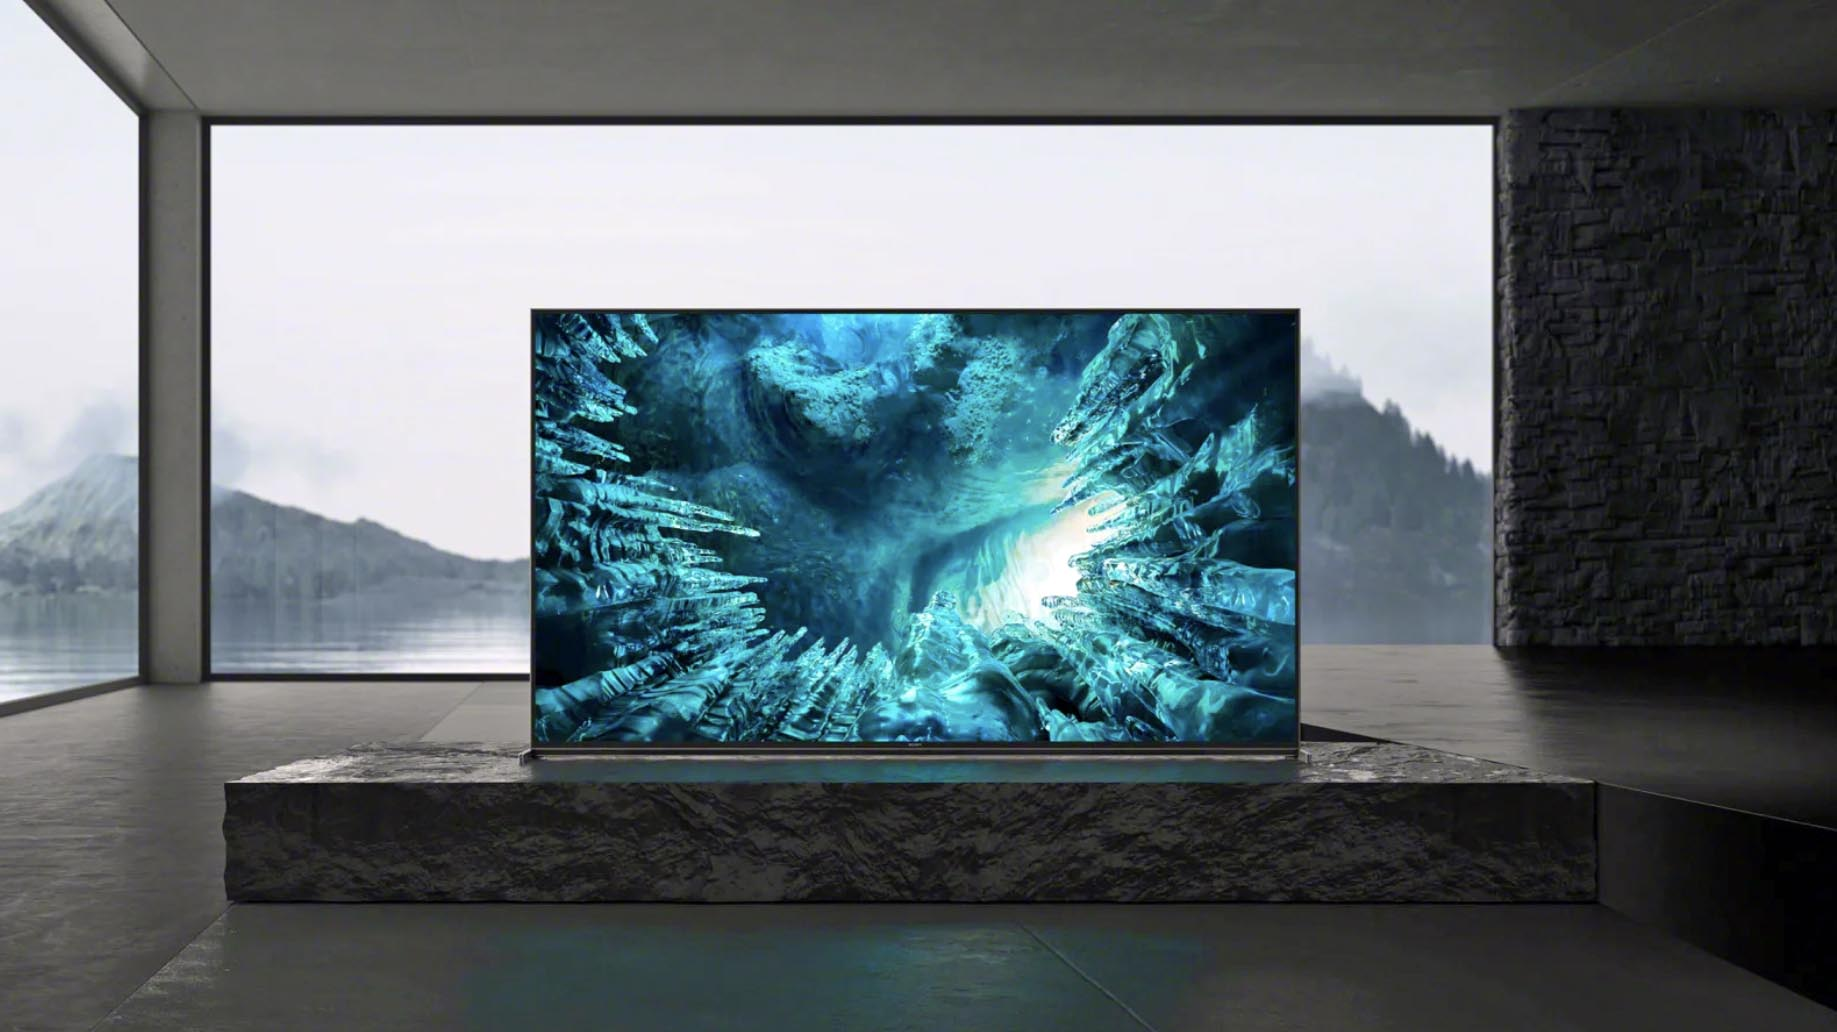 TV Sony Bravia mới 2020 - Chạm đến chuẩn giải trí cao cấp nhất - 6